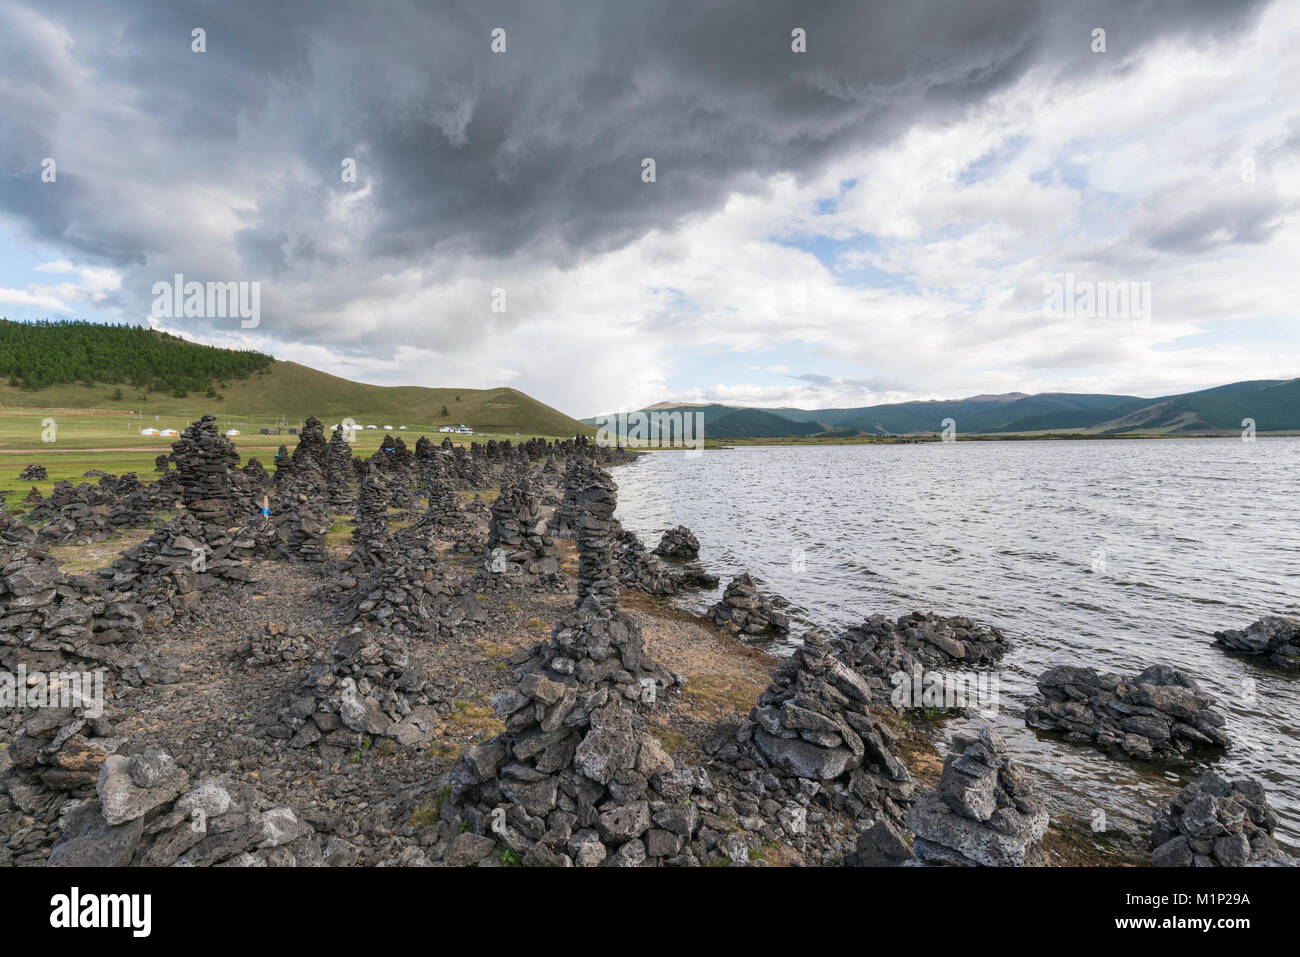 Formazioni di roccia vulcanica sulle rive del Lago Bianco, Tariat distretto, Nord provincia Hangay, Mongolia, Asia Immagini Stock